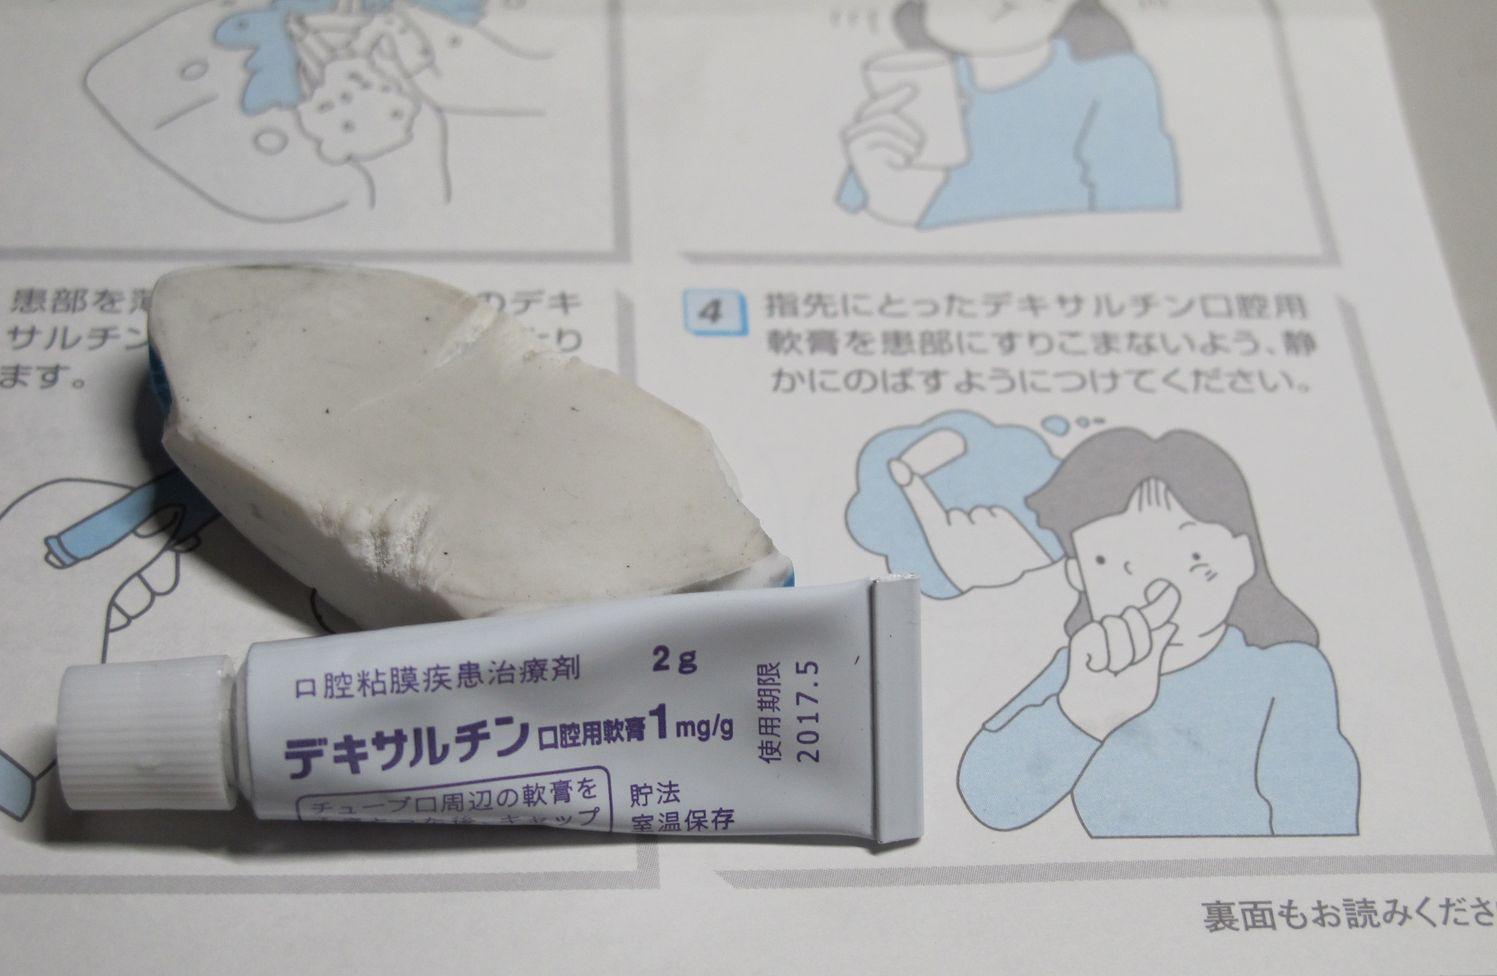 デキサルチン口腔用軟膏1mg